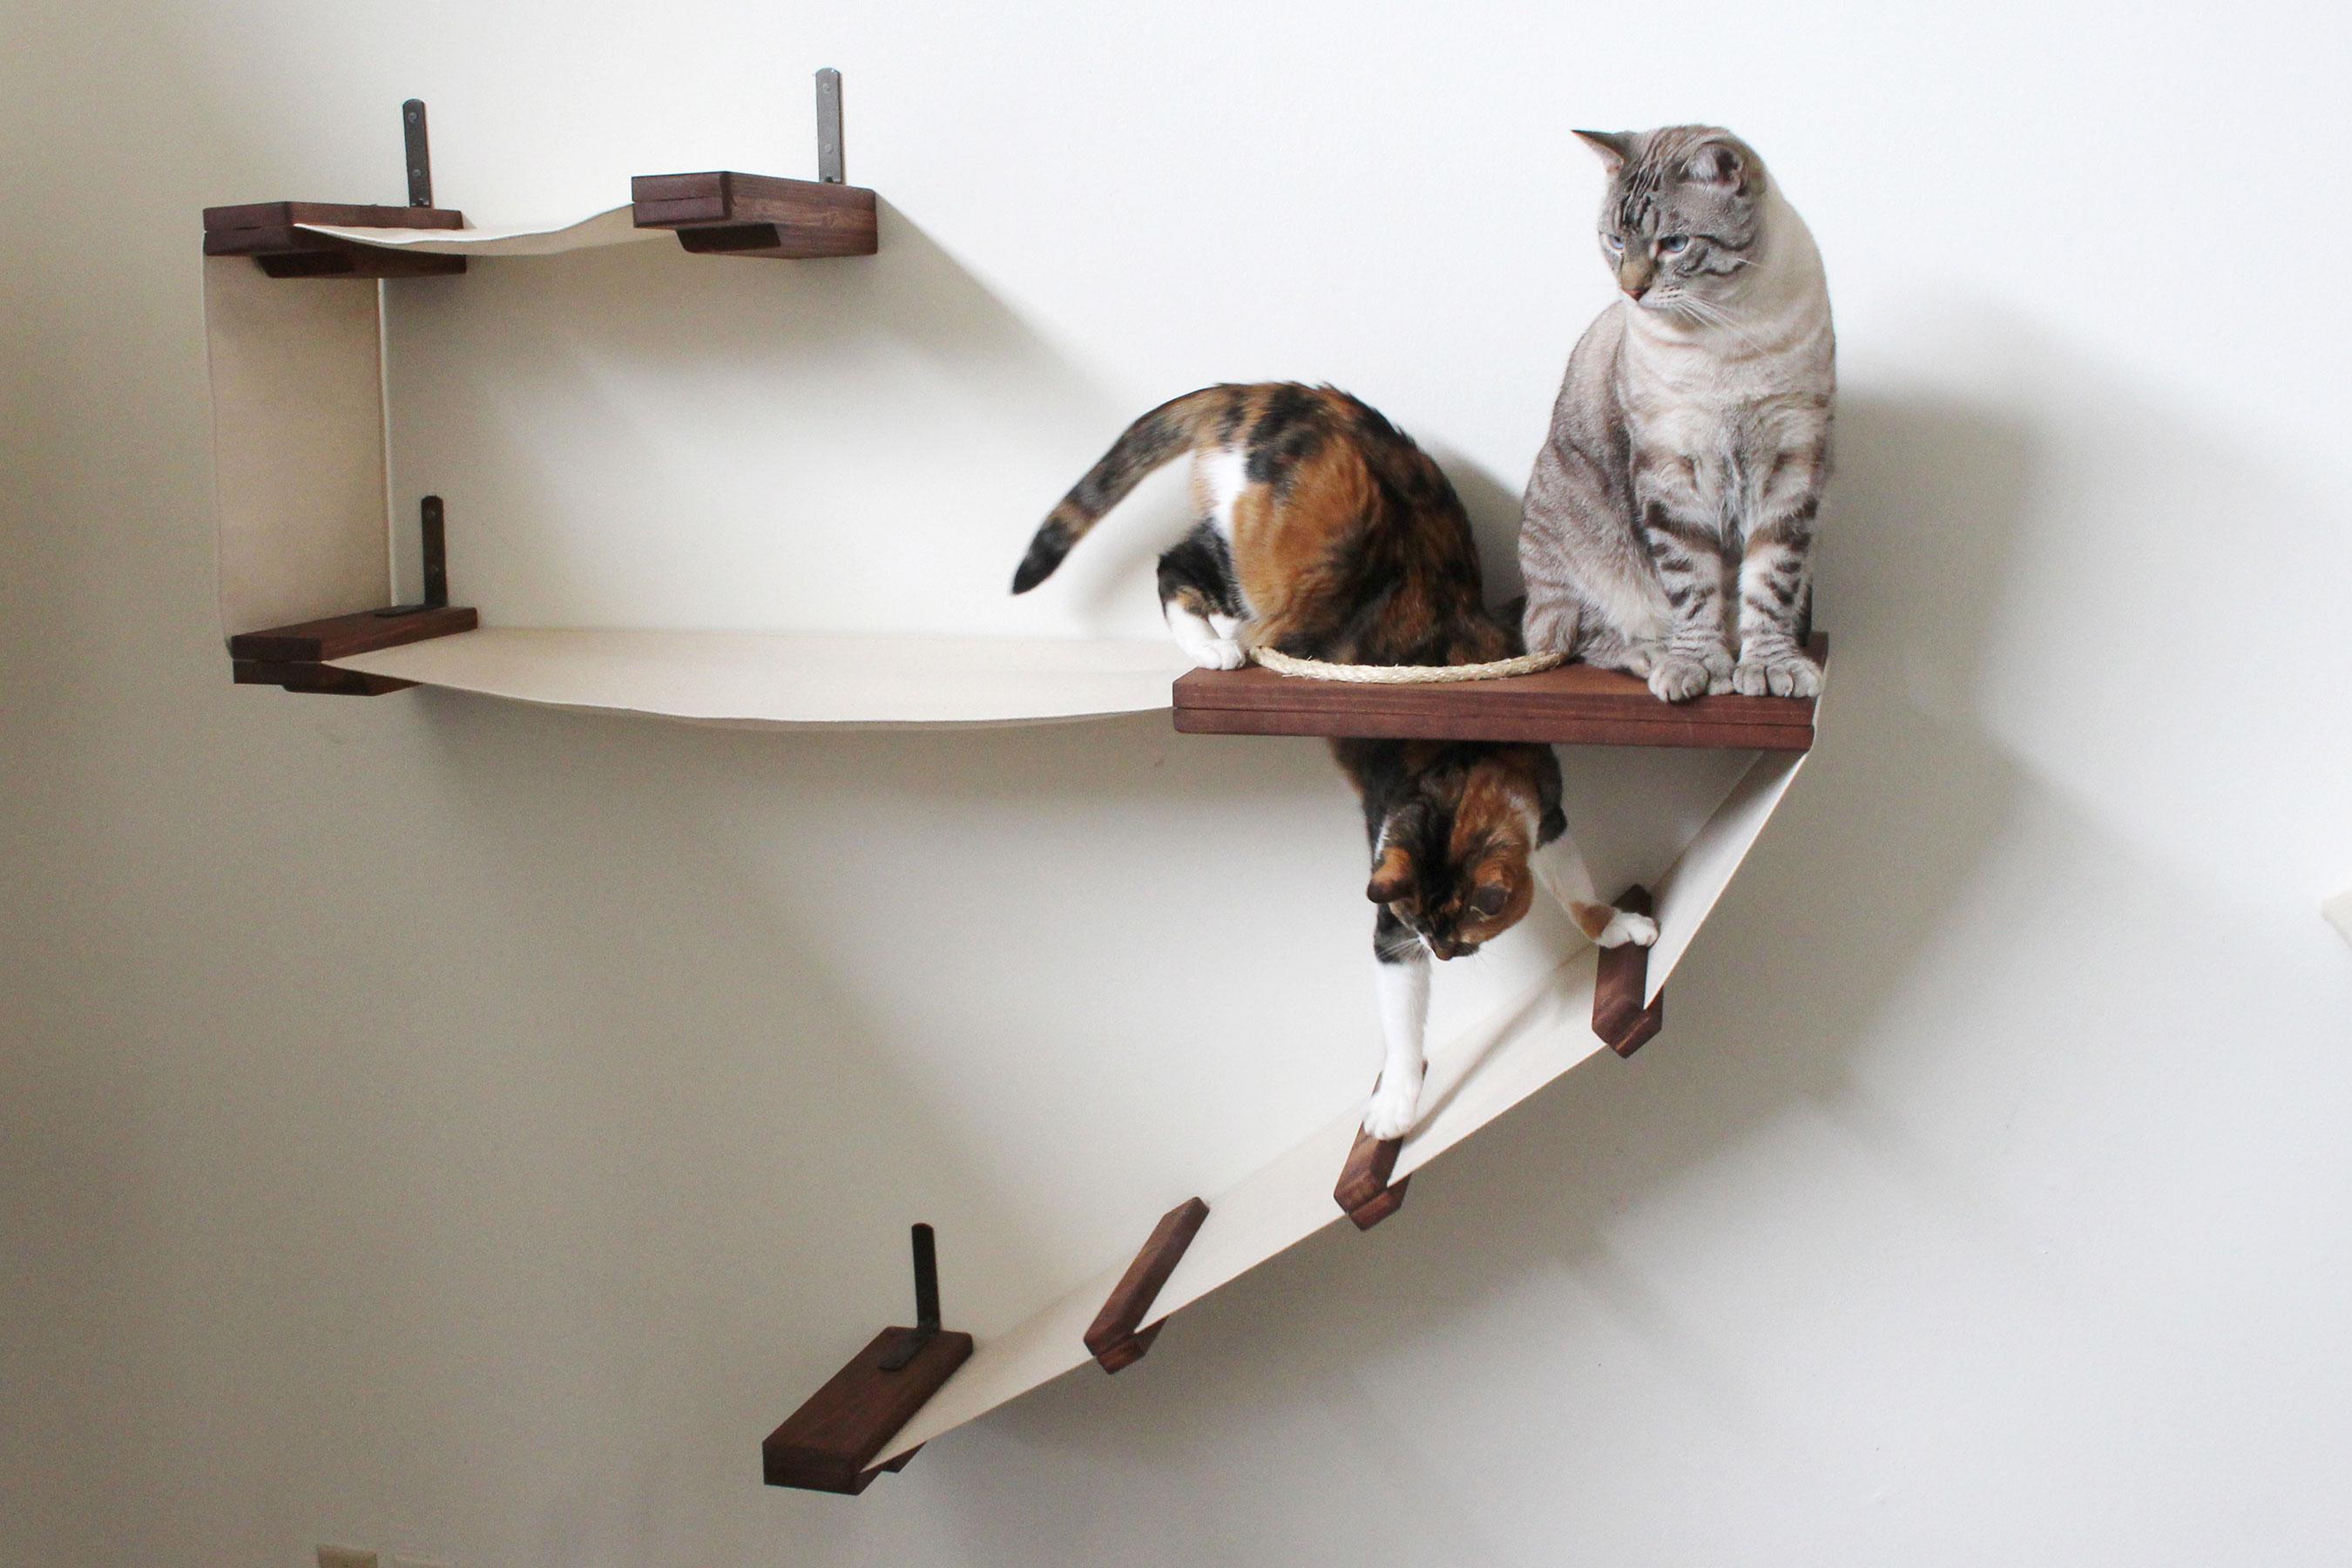 Гамак для кошки с лестницей